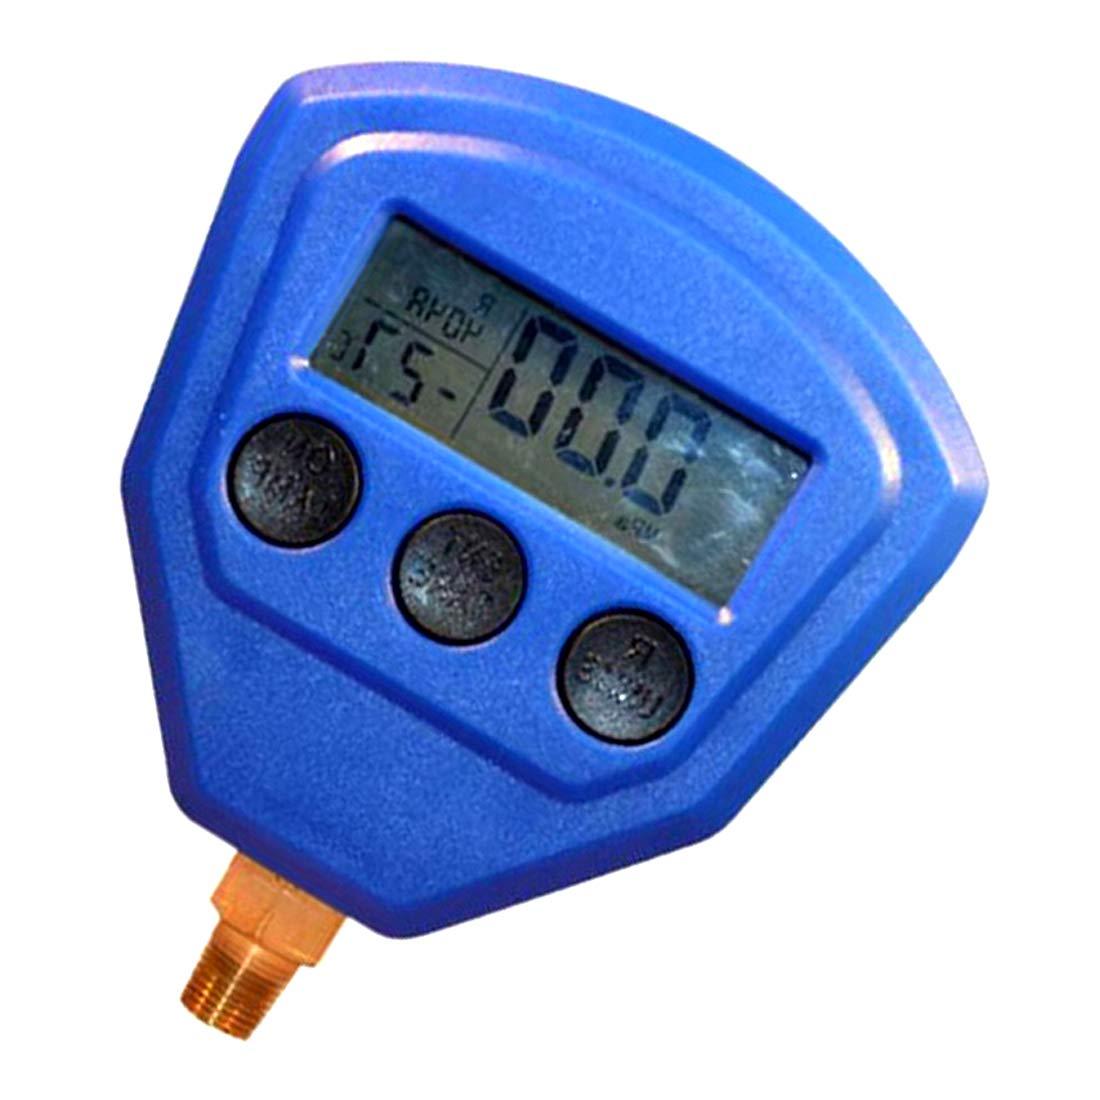 VIGORFLYRUN PARTS LTD R410A R134A R22 Aire Acondicionado Refrigerante Medidor de Alta presi/ón PSI KPA Medidor de presi/ón de refrigeraci/ón Refrigerante Rojo